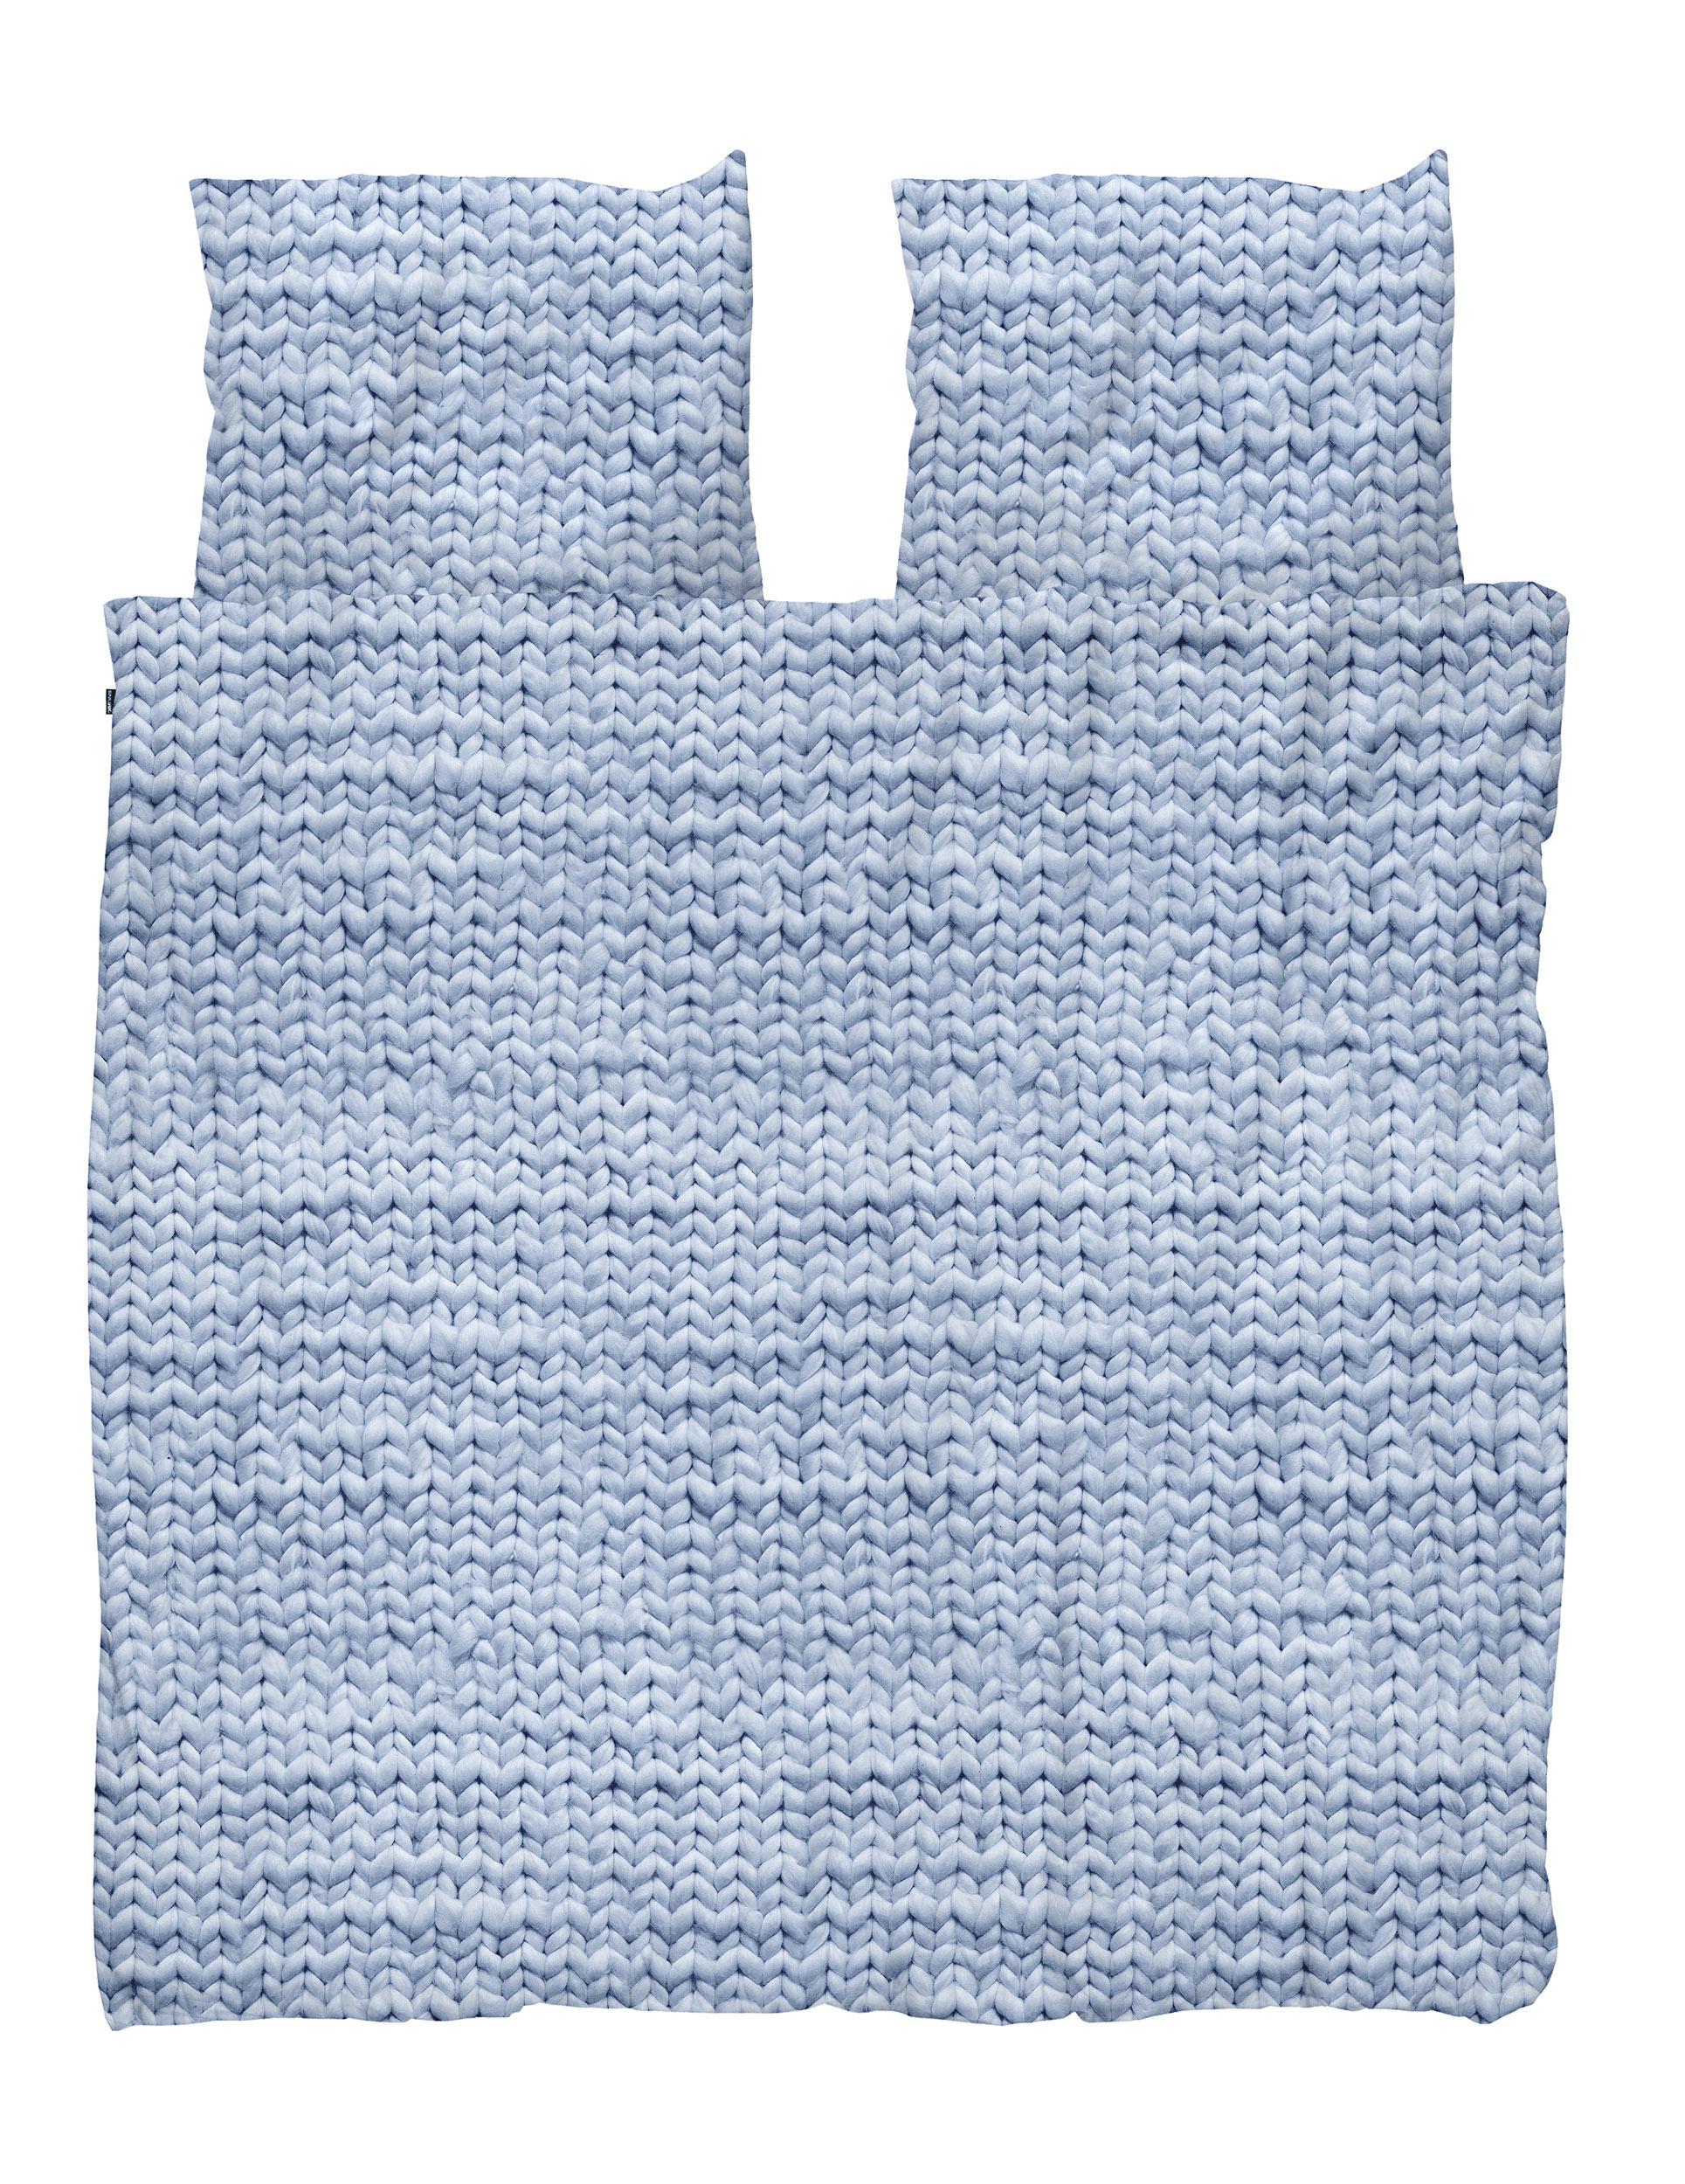 Купить Комплект постельного белья Косичка синий фланель 200х220, inmyroom, Нидерланды